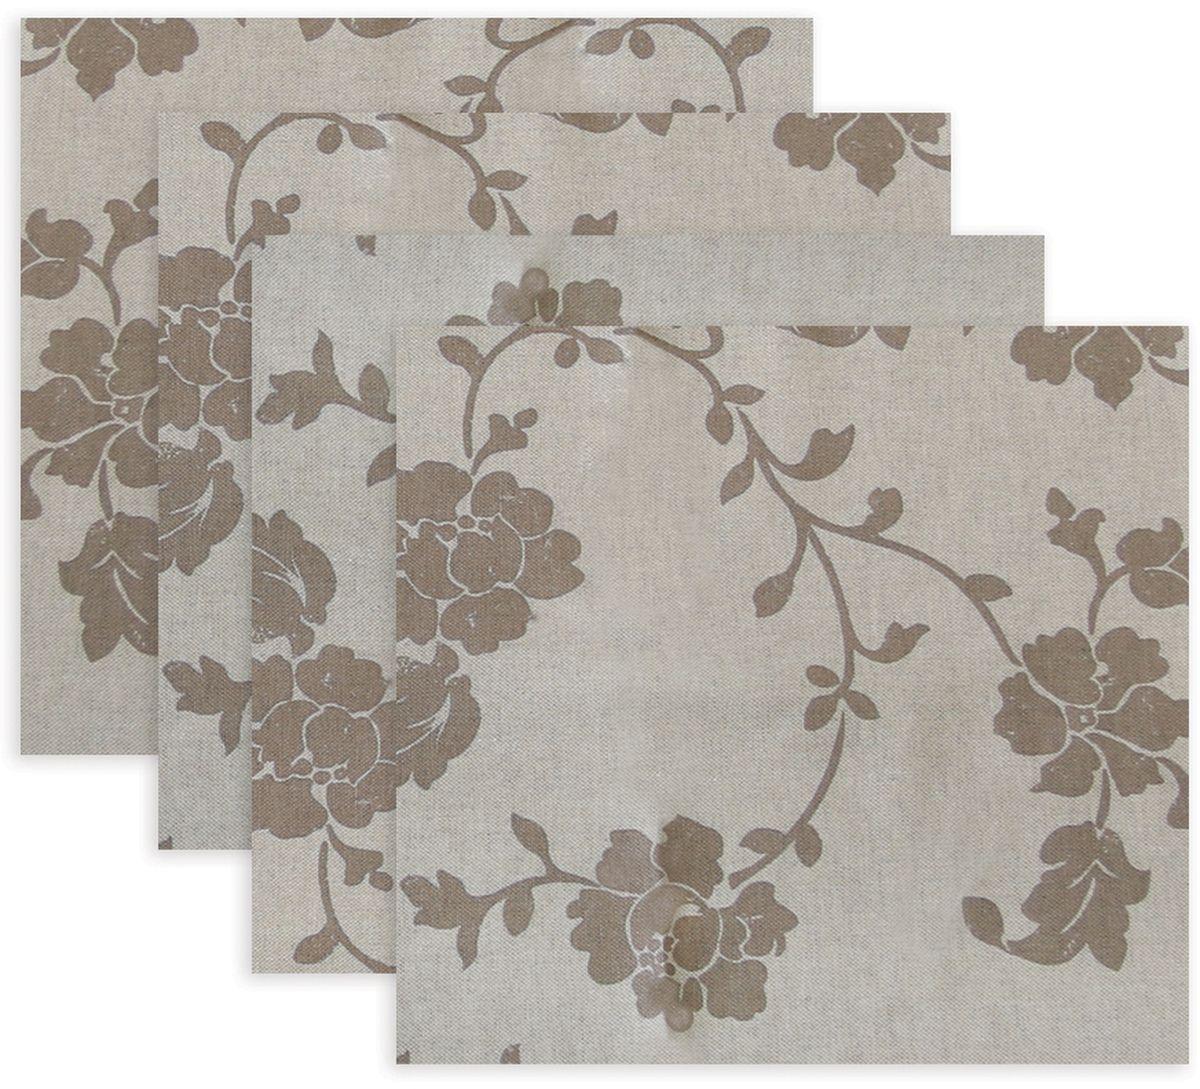 Набор сервировочных салфеток KauffOrt Прованс, цвет: коричневый, 32 х 32 см, 4 шт